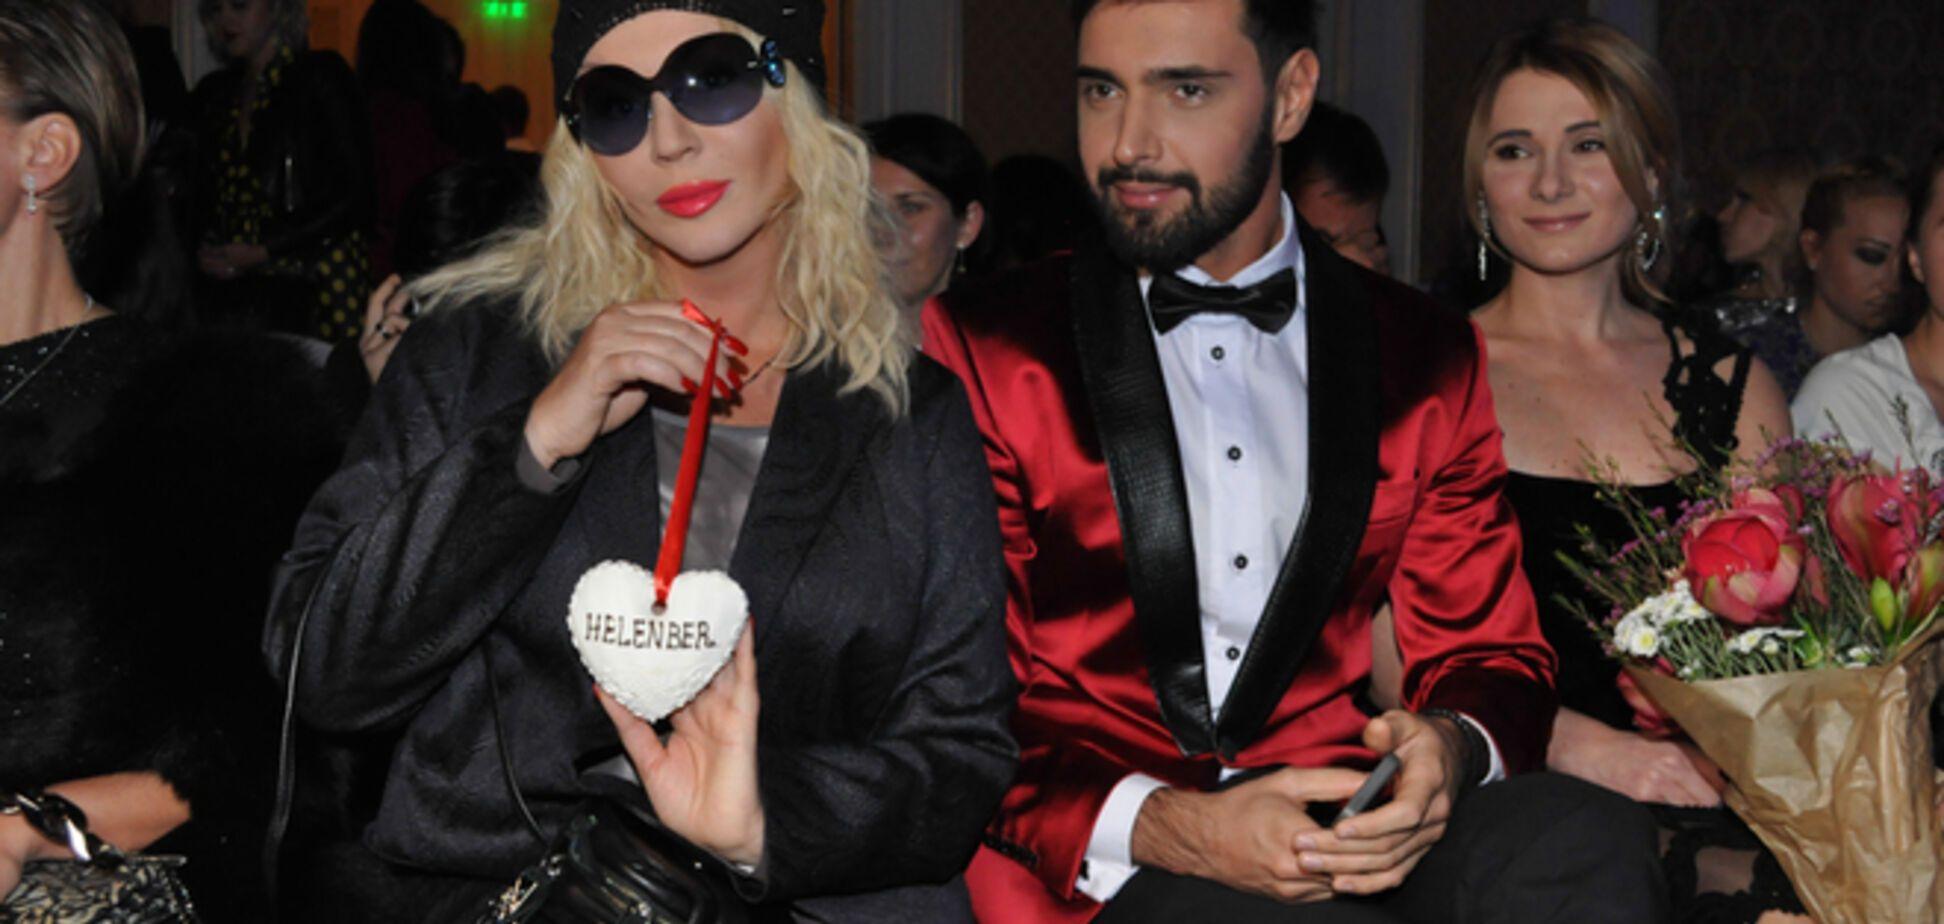 Показ Helenber в Киеве: роскошные вечерние платья и Ирина Билык с куклой